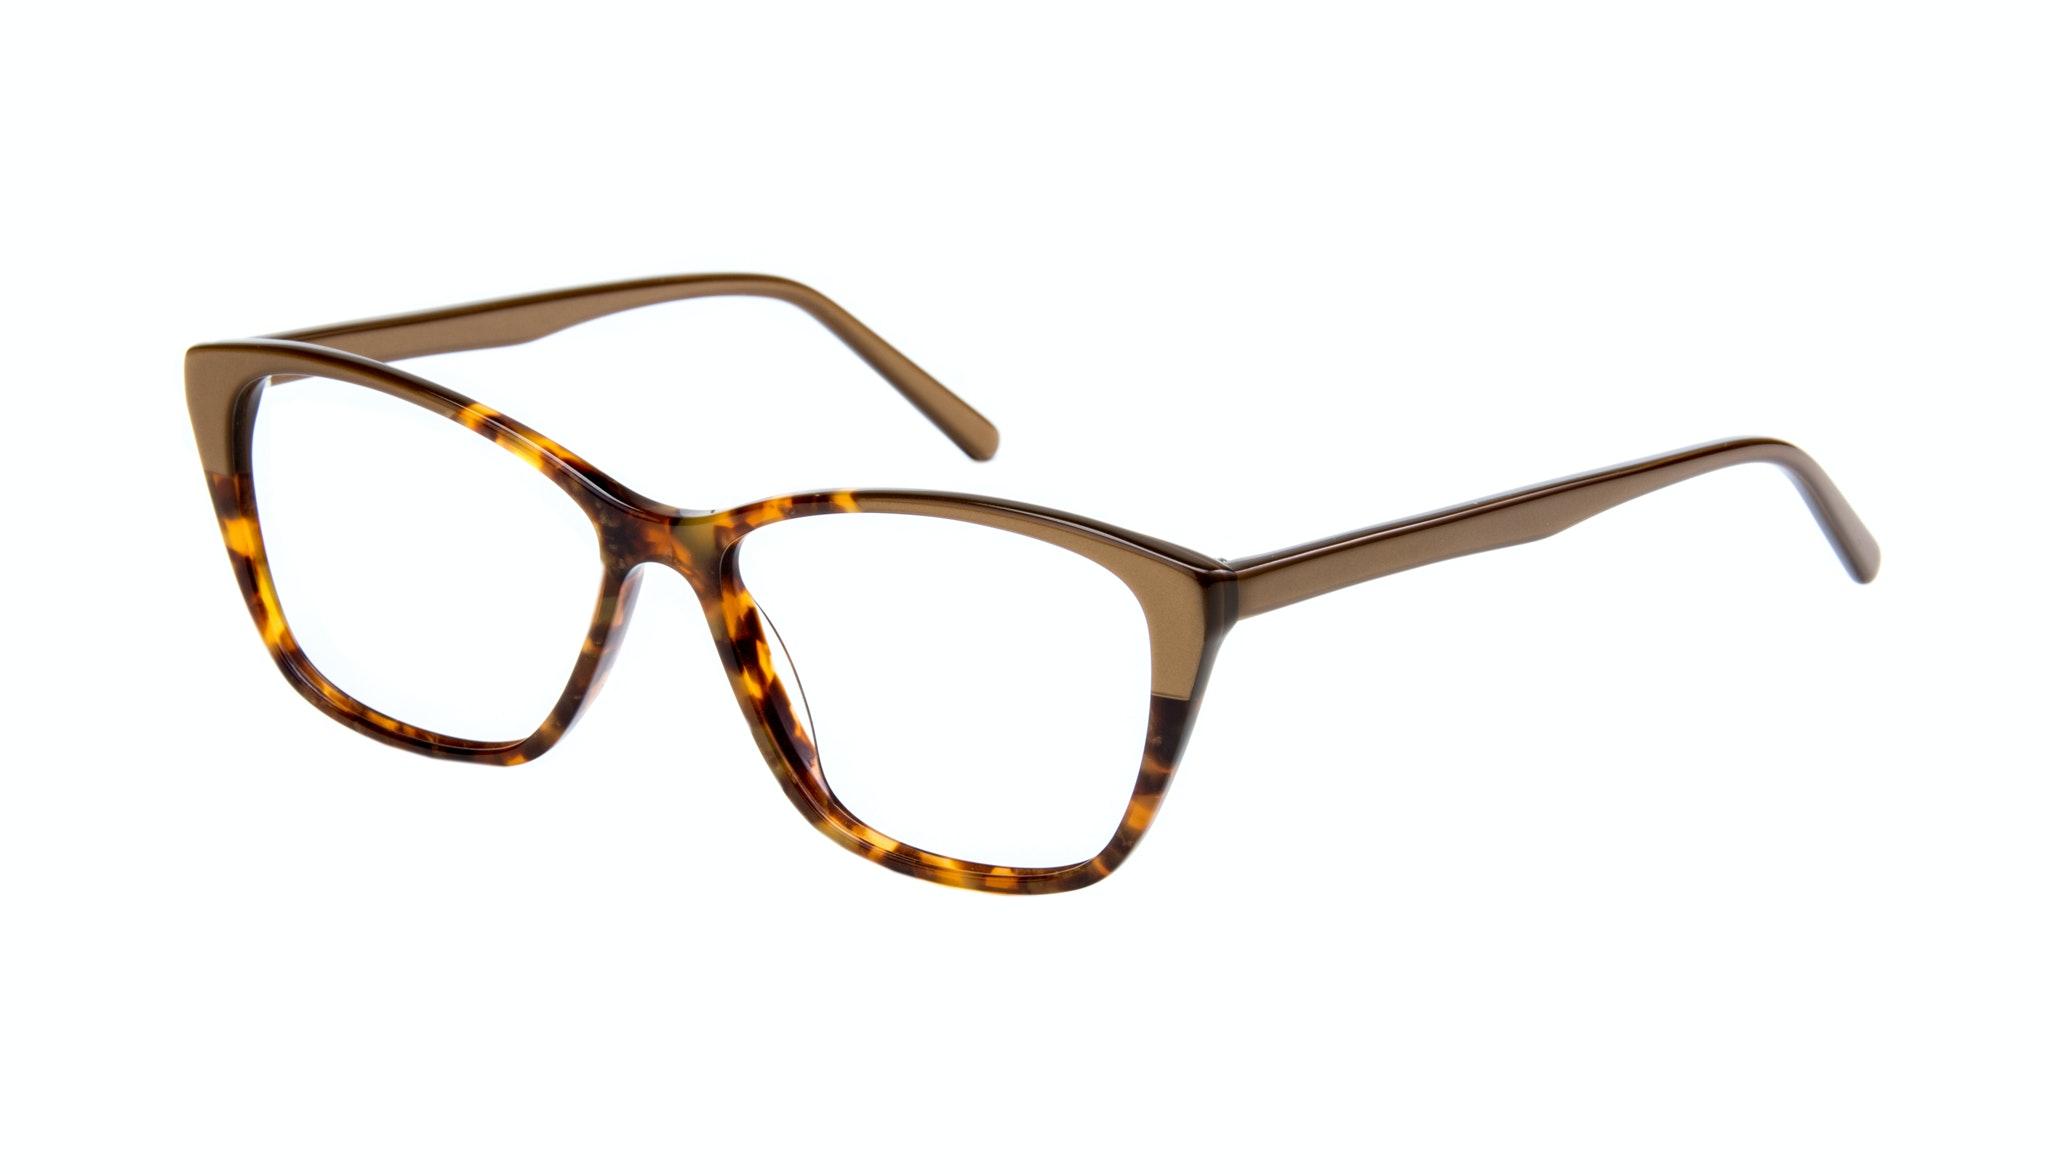 Affordable Fashion Glasses Cat Eye Rectangle Eyeglasses Women Myrtle Tort Gold Tilt